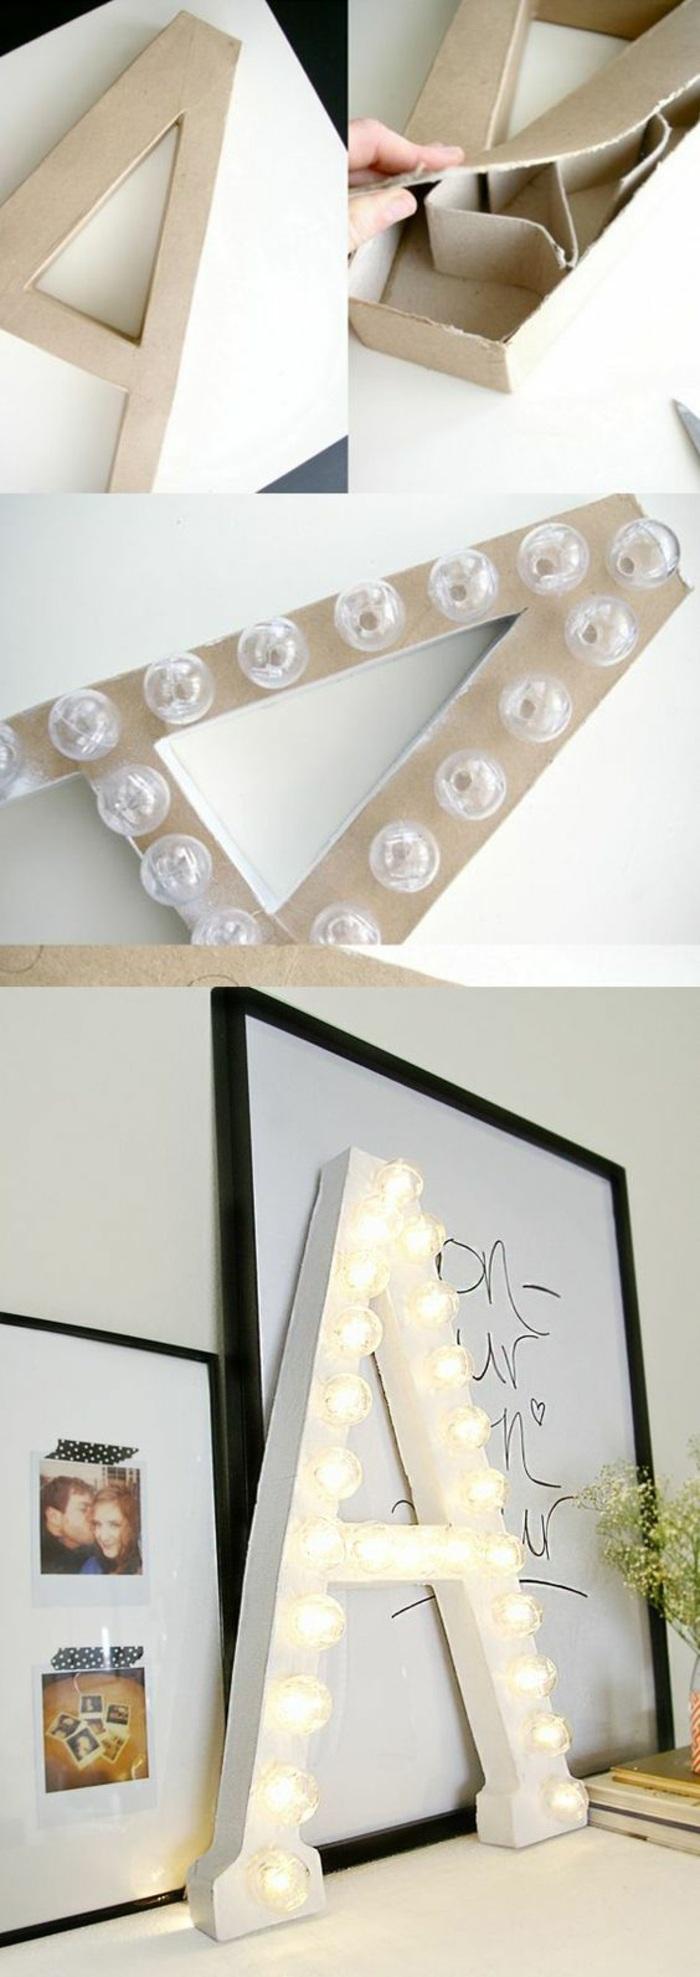 ideas de decoración para la pared con materiales de reciclaje, manualidades de cartulina y cartón originales, manualidades para niños faciles y rapidos